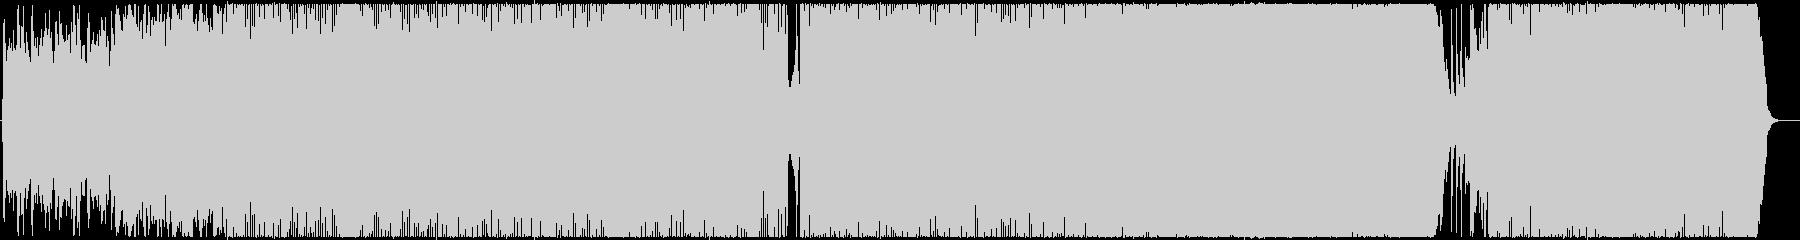 スカボローフェア メタル ver.の未再生の波形